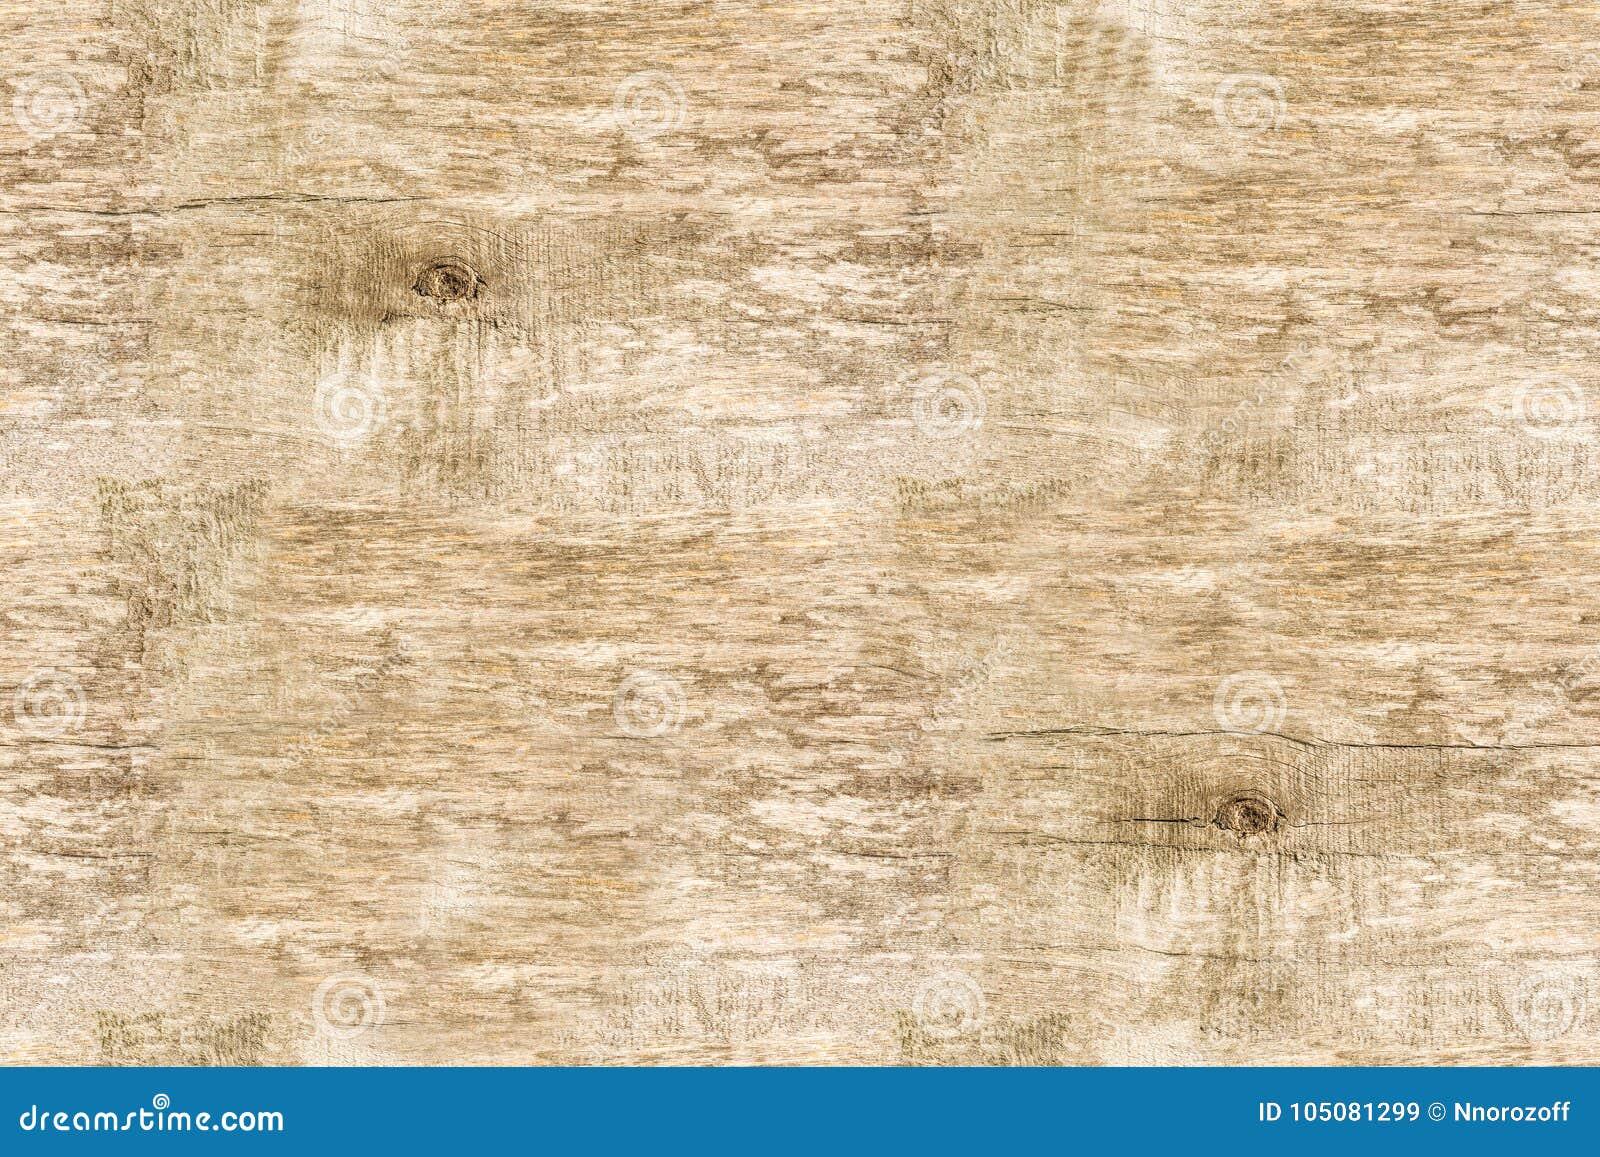 Le Fibre Del Legno vecchio fondo di legno di struttura, struttura di una